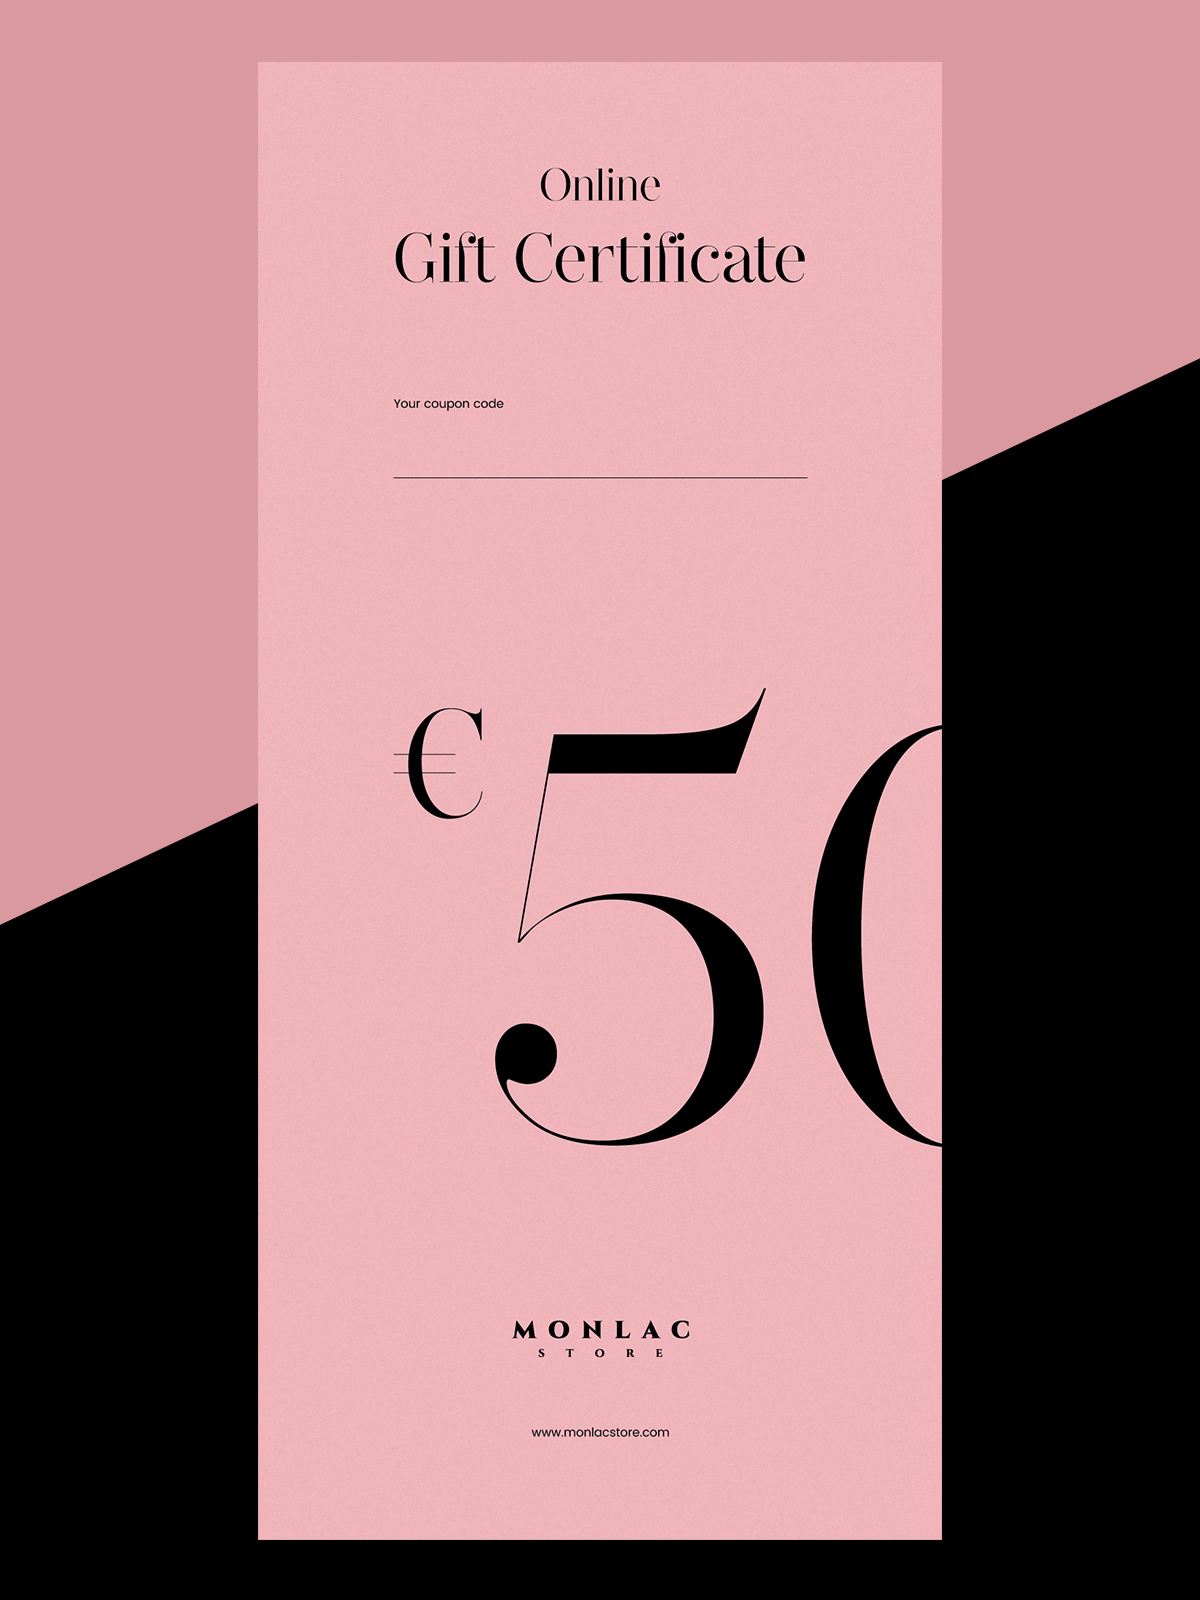 50 Online Gift Certificate Monlacstore Womens Sleepwear